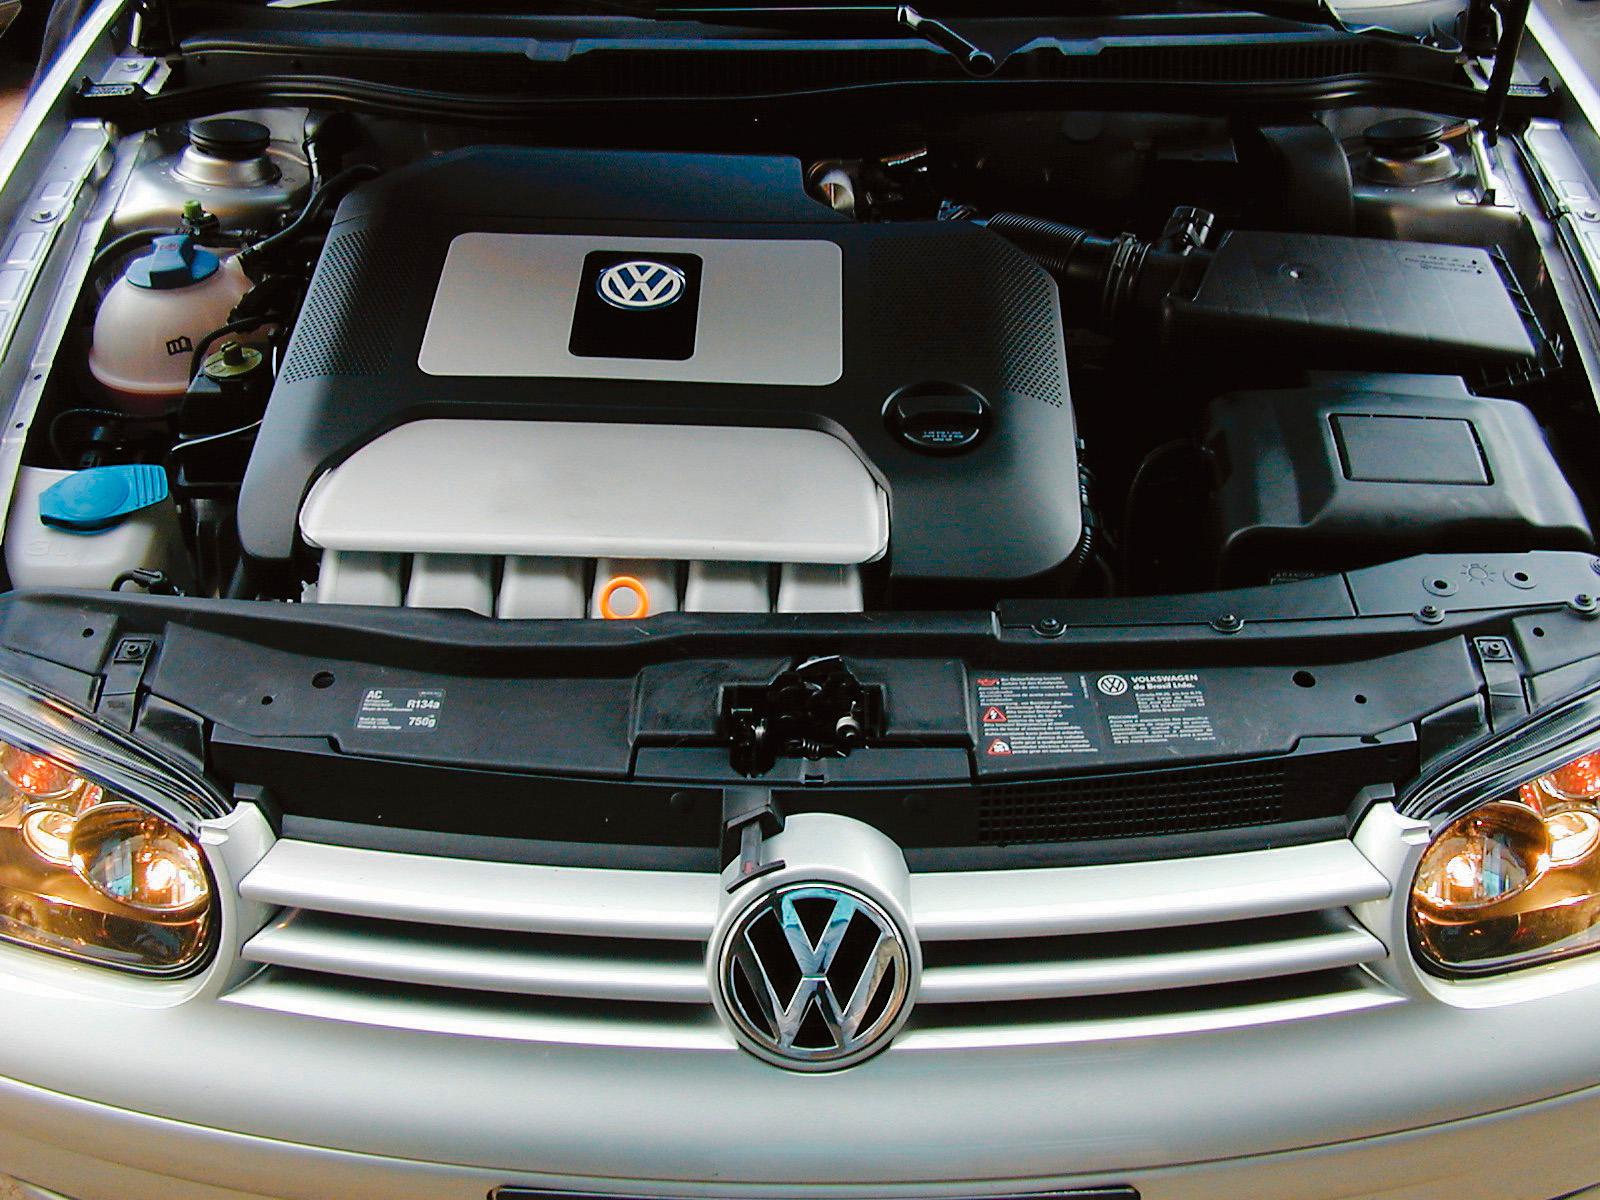 Motor do automóvel Golf GTI VR6, modelo 2003 da Volkswagen, testado pela revista Quatro Rodas.